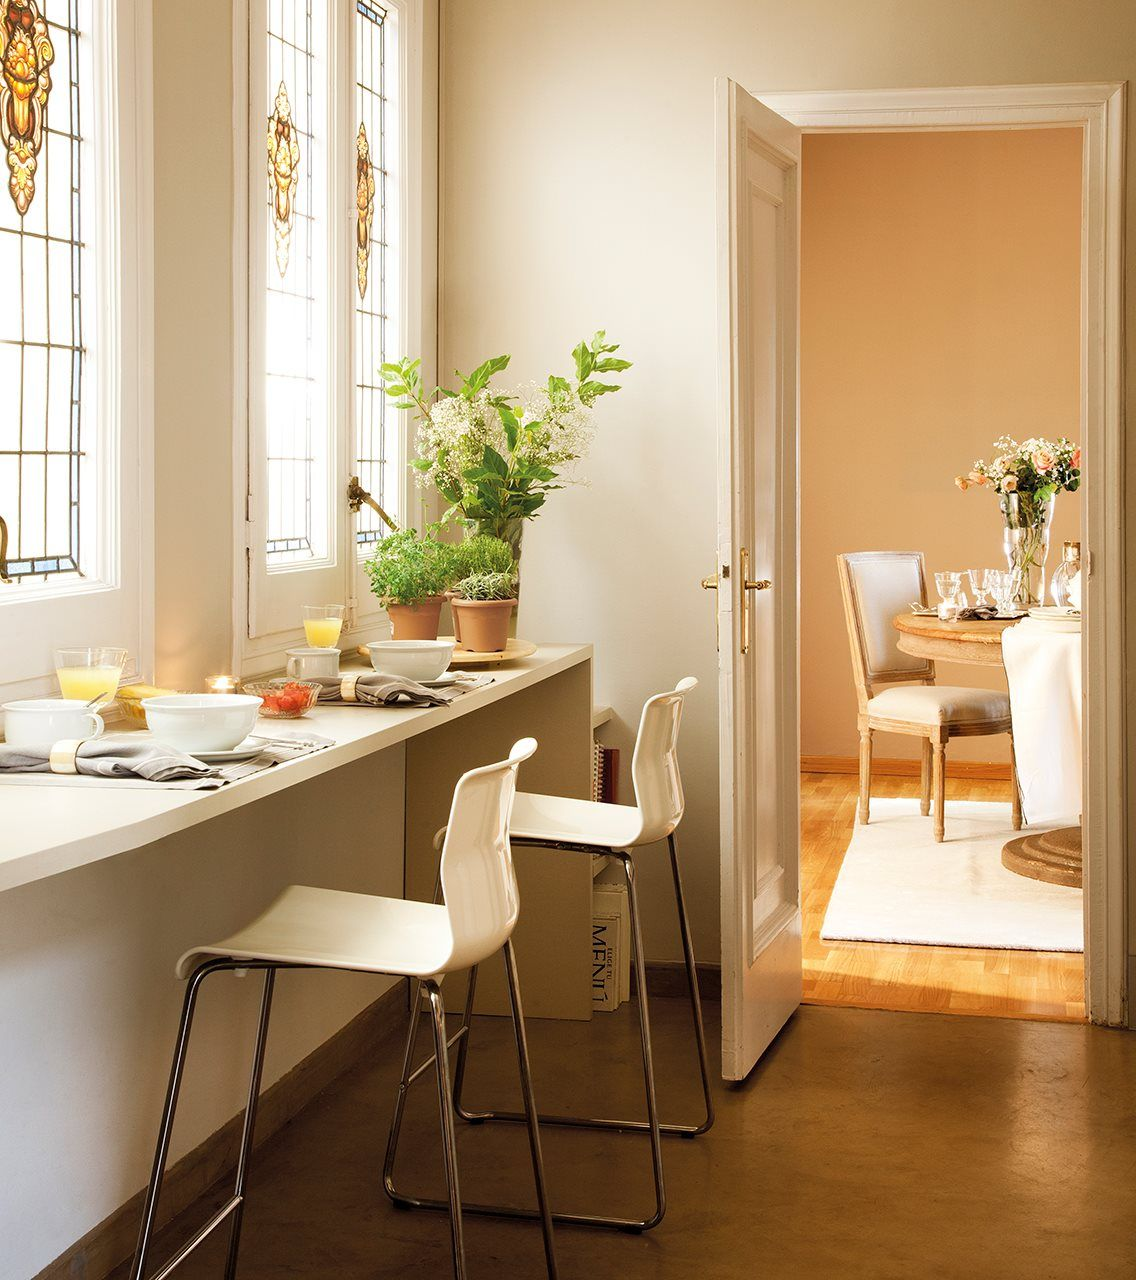 C mo aprovechar el espacio en cocinas peque as for Cocina comedor pequena